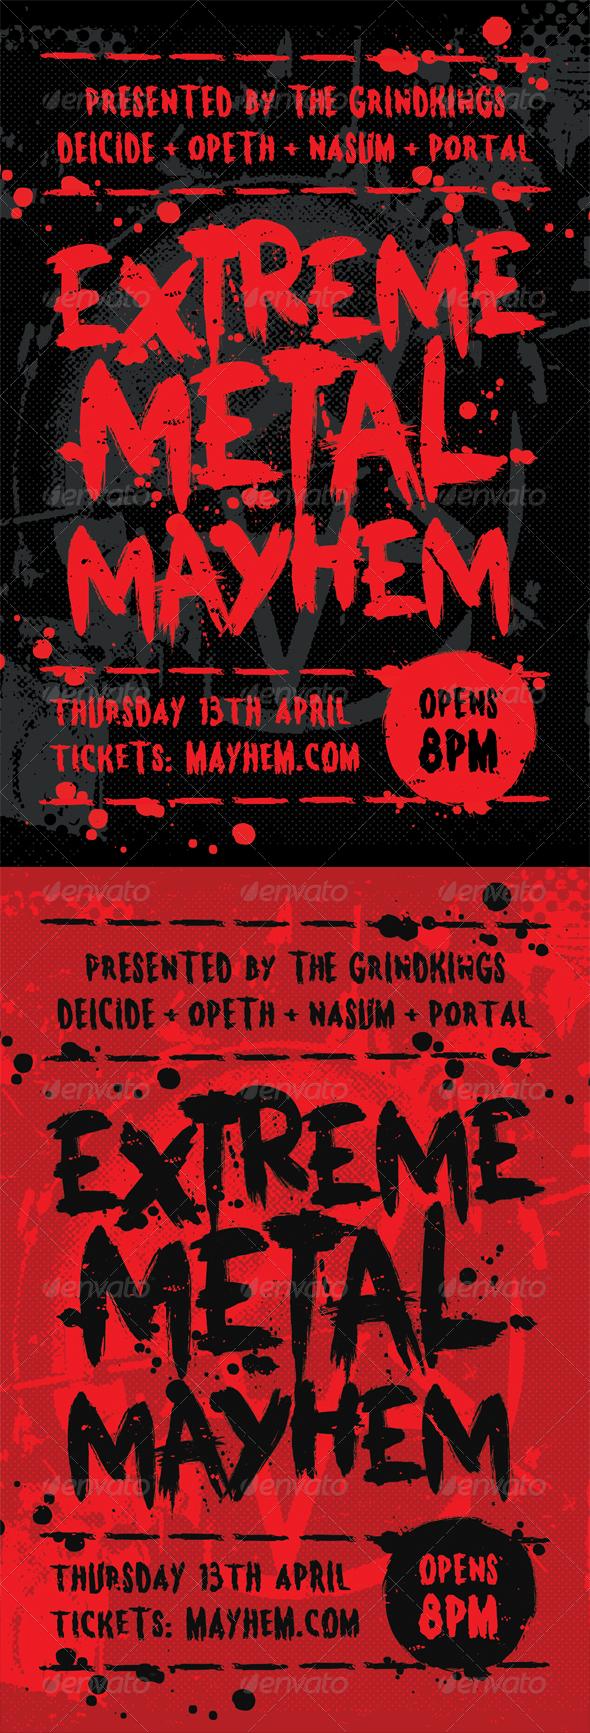 Mayhem Heavy Metal Flyer Template – Mayhem Flyer Template